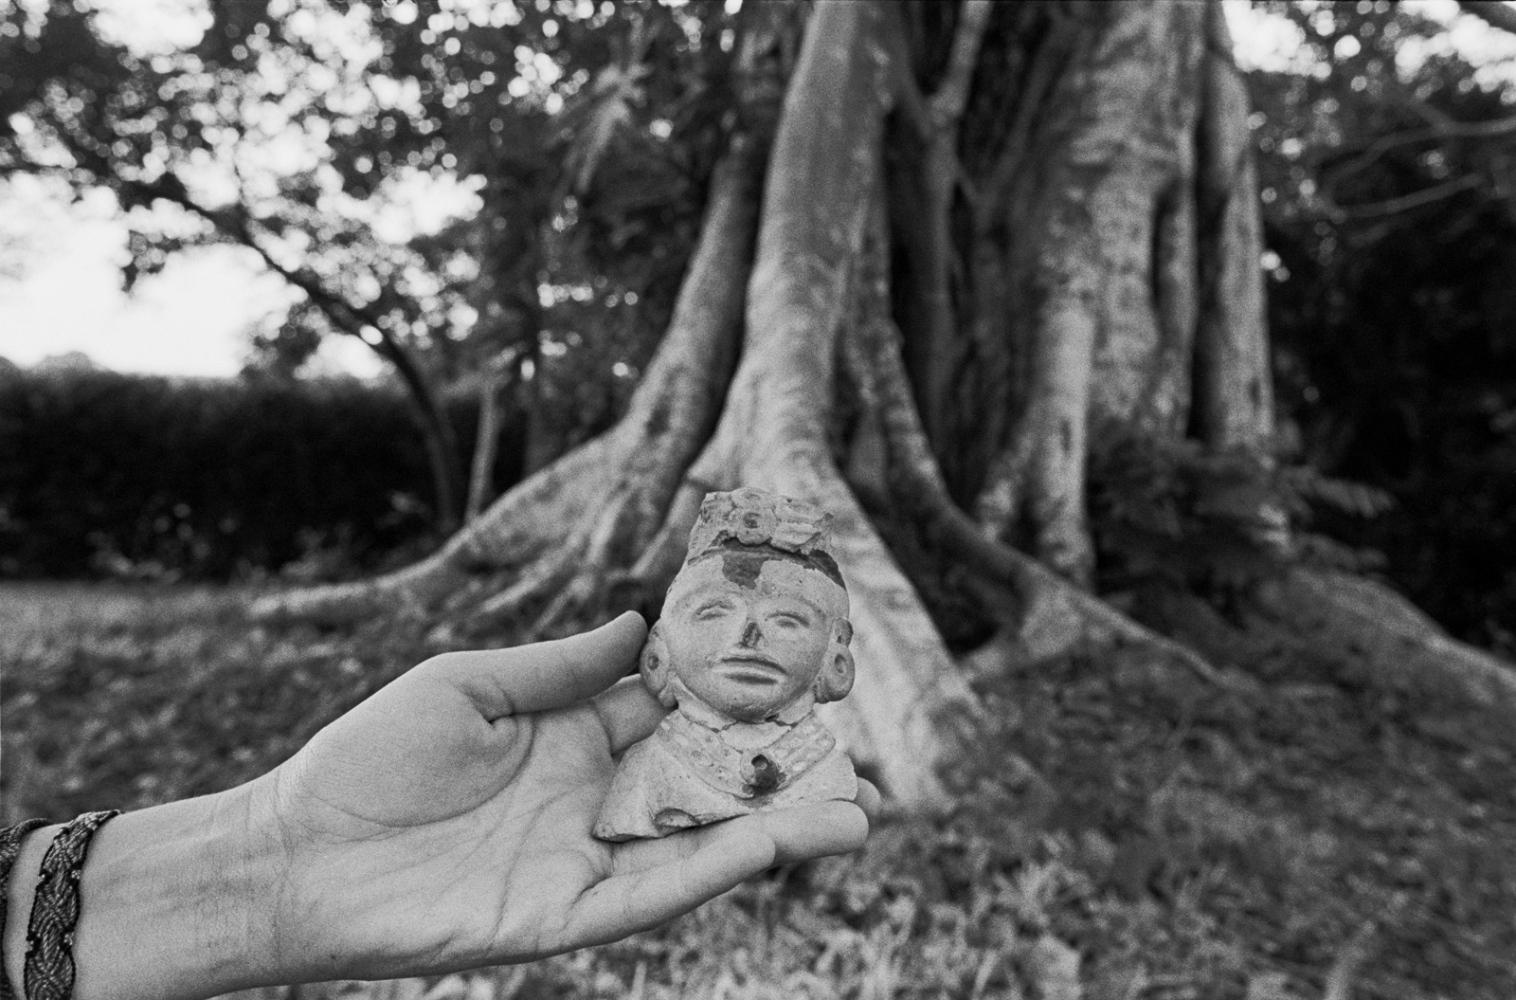 Las Raices, RanchoEl Bejuco, Ozuluama, Veracruz - 2010© Sylvi de Swaan